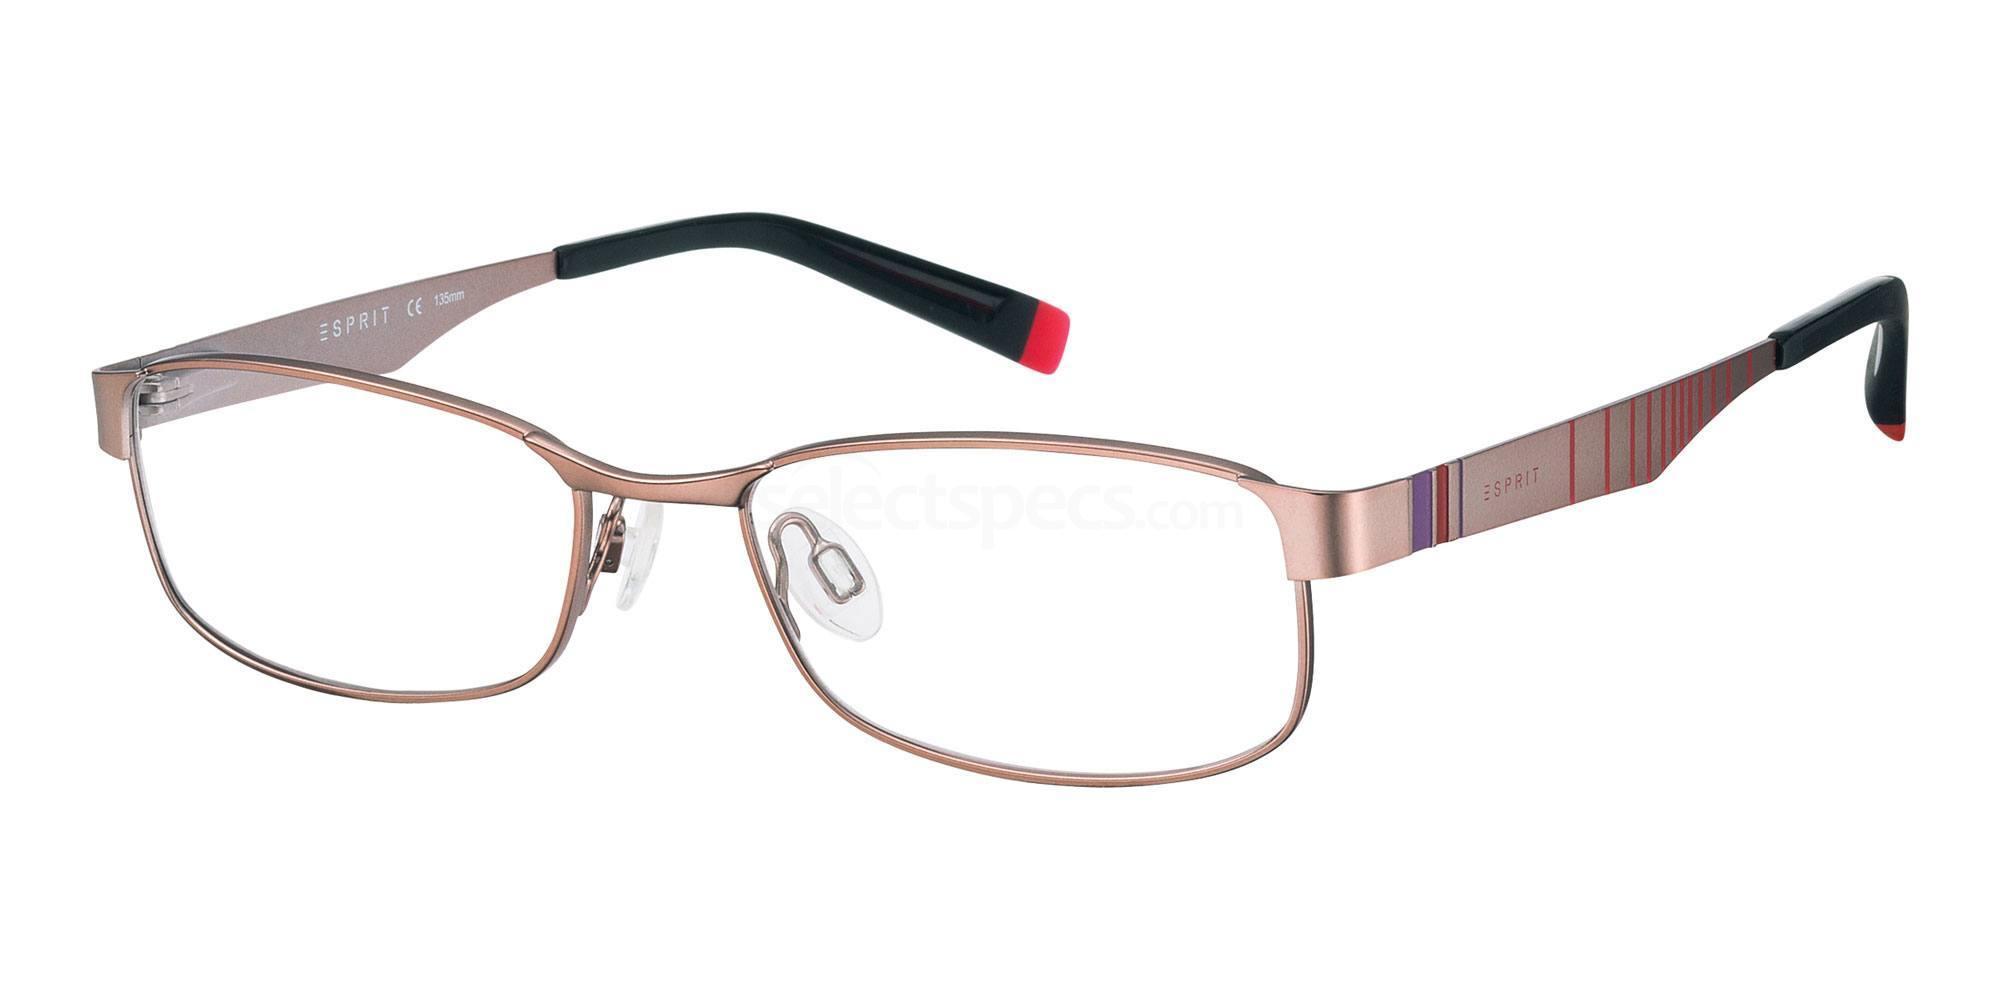 535 ET17431 Glasses, Esprit